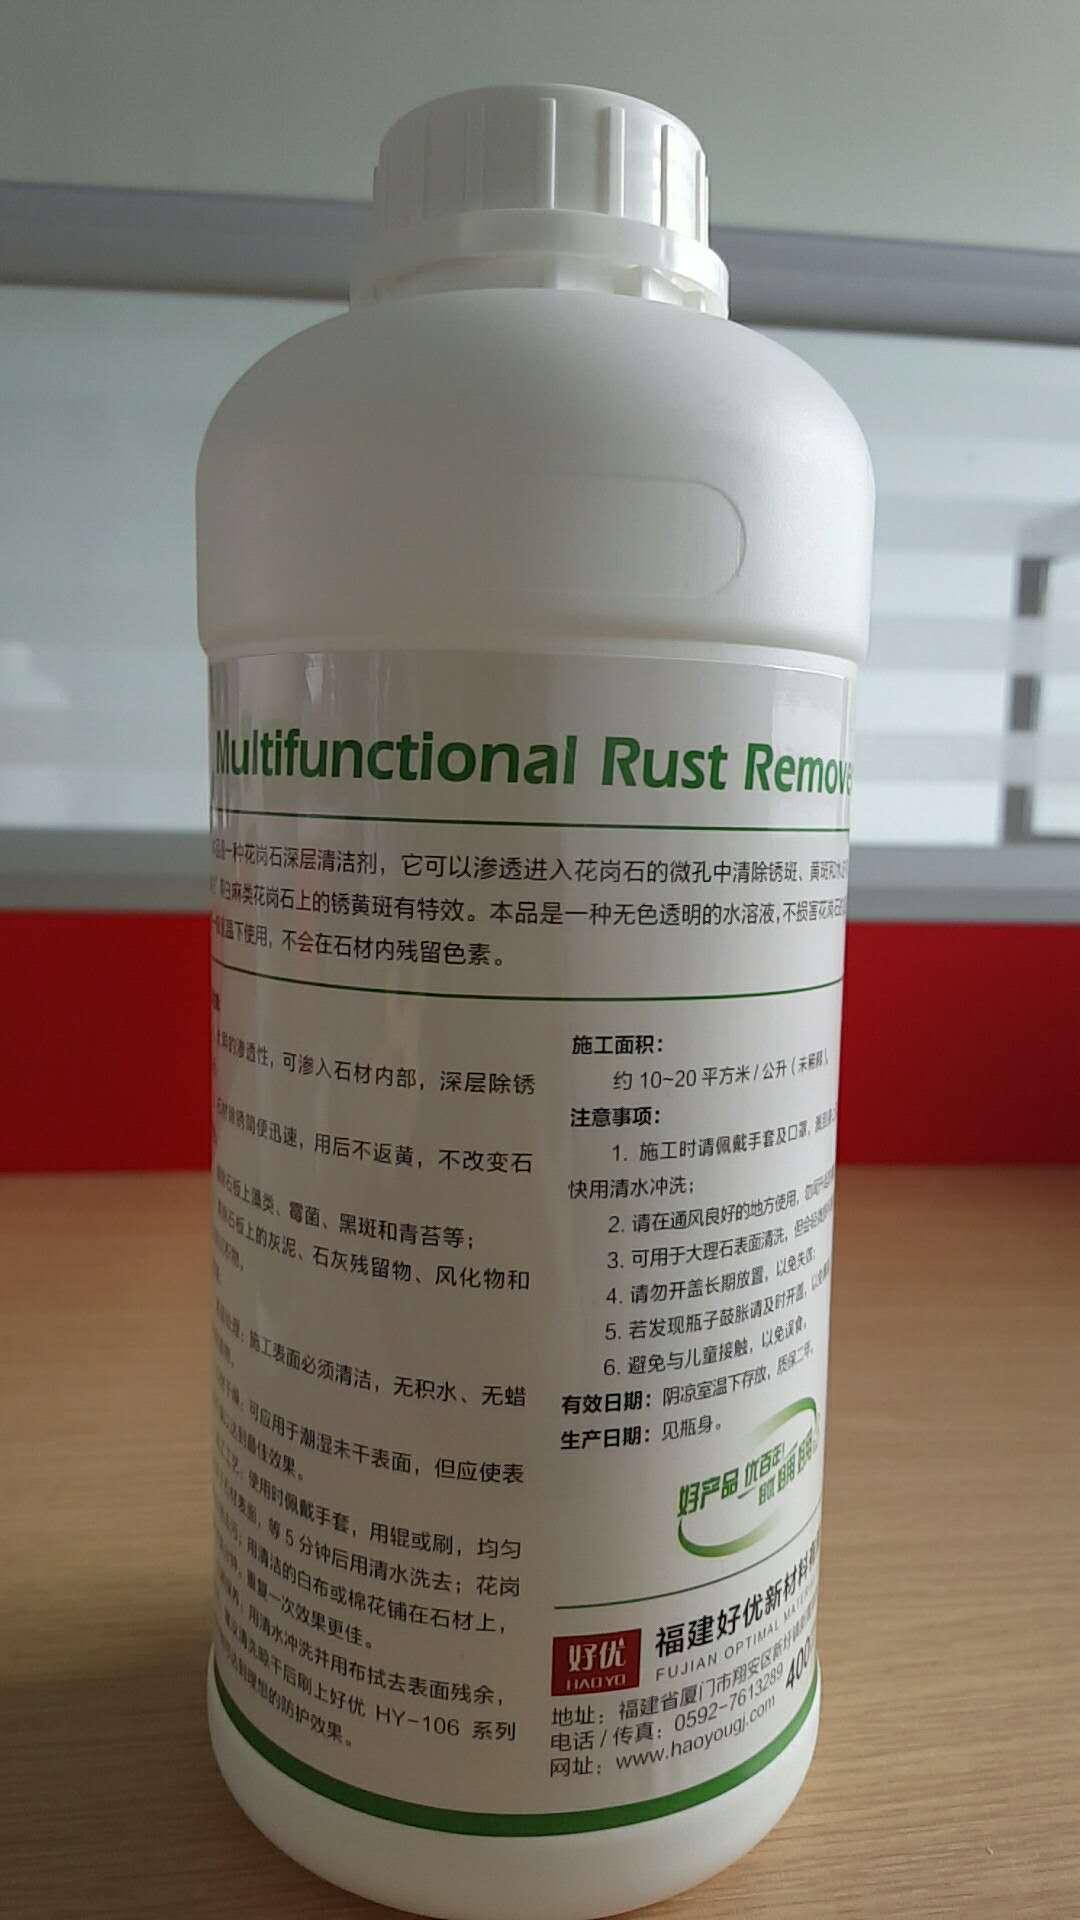 青海花岗岩防护剂-可信赖的玻璃防护剂厂家推荐